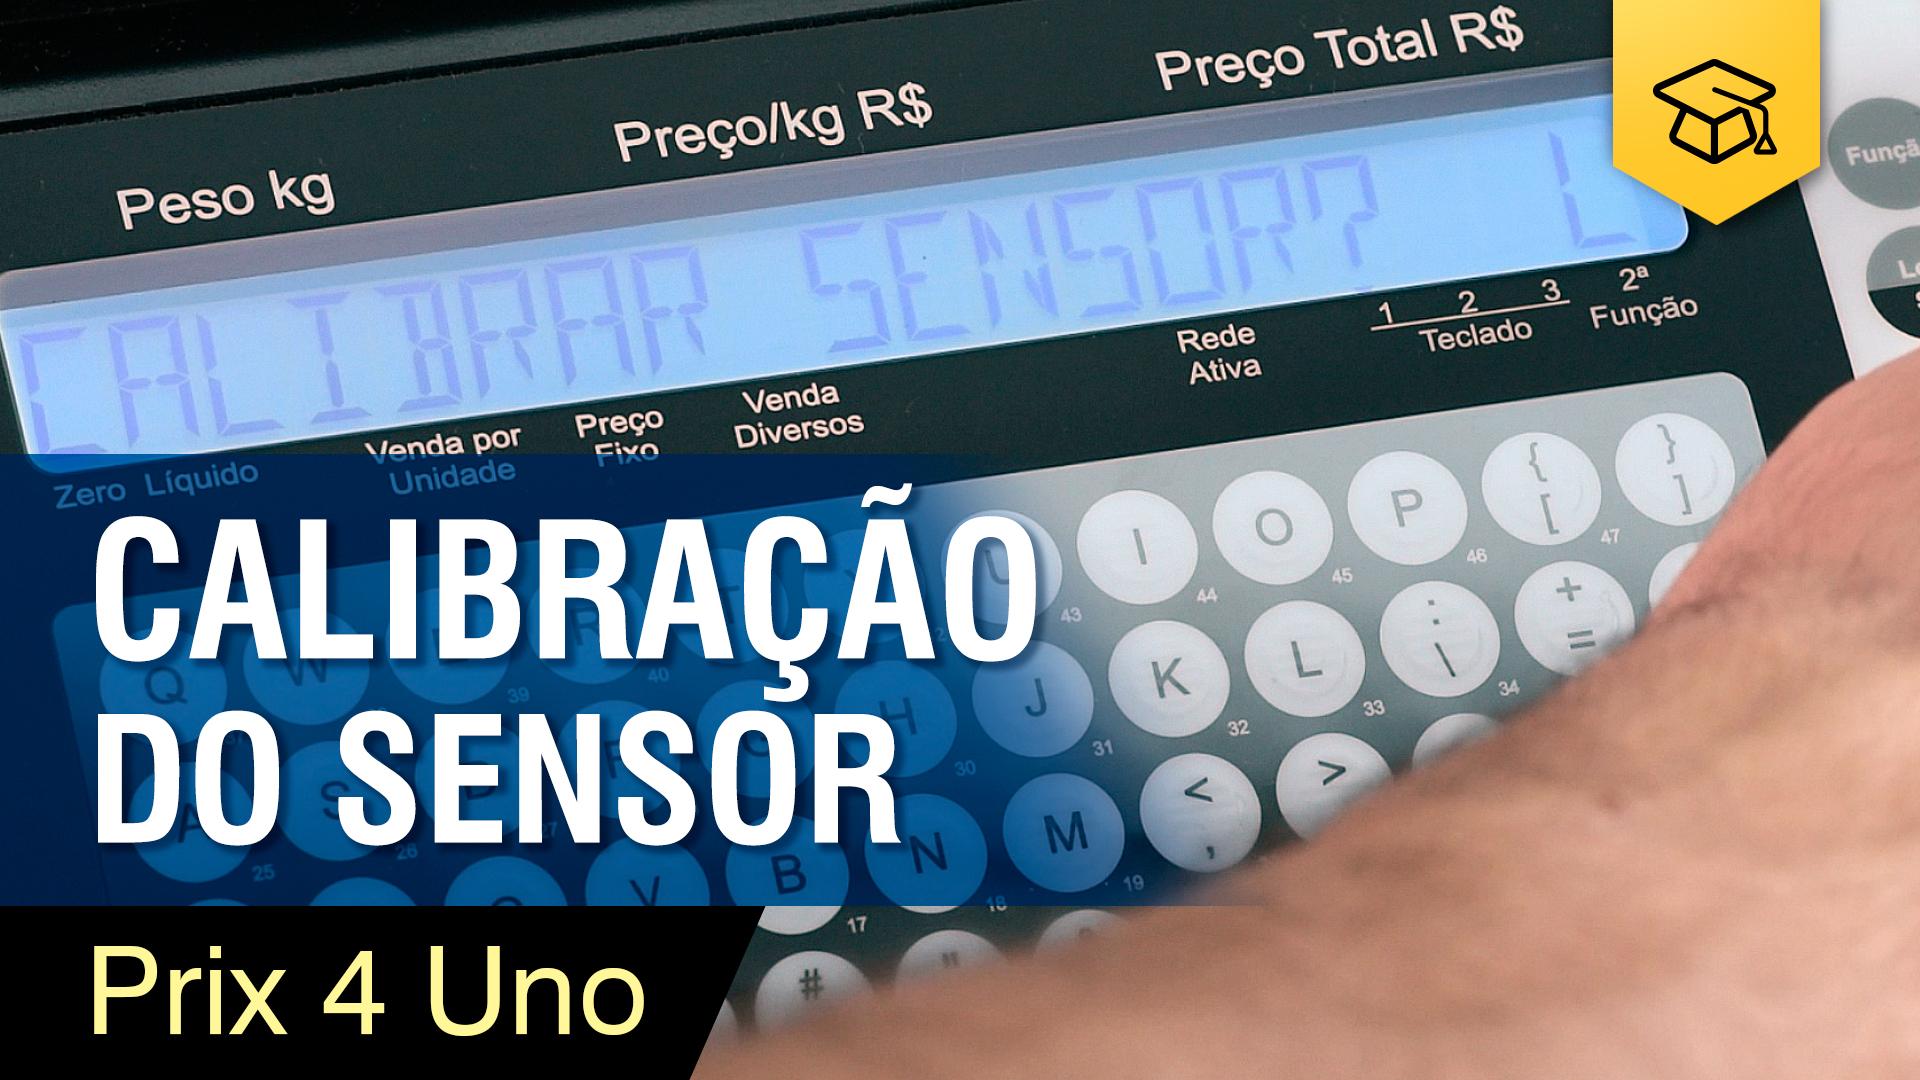 Prix 4 Uno - Calibração de Sensor